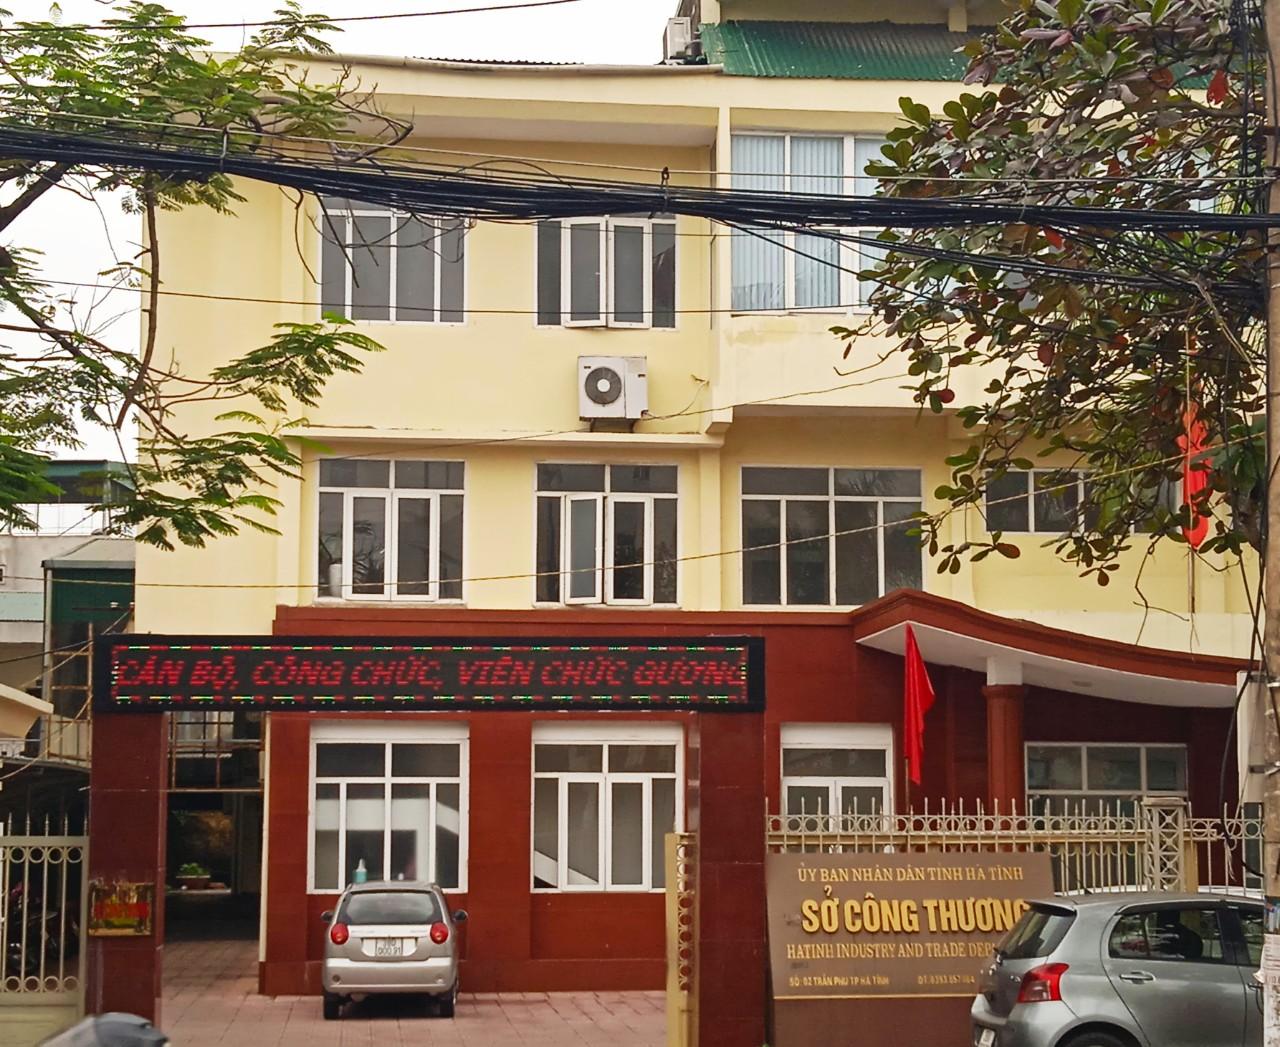 """Sở Công Thương Hà Tĩnh tổ chức các hoạt động hướng tới """"ngày Pháp luật  Nước Cộng hòa xã hội chủ nghĩa Việt Nam"""" - ngày 09 tháng 11 năm 2020"""